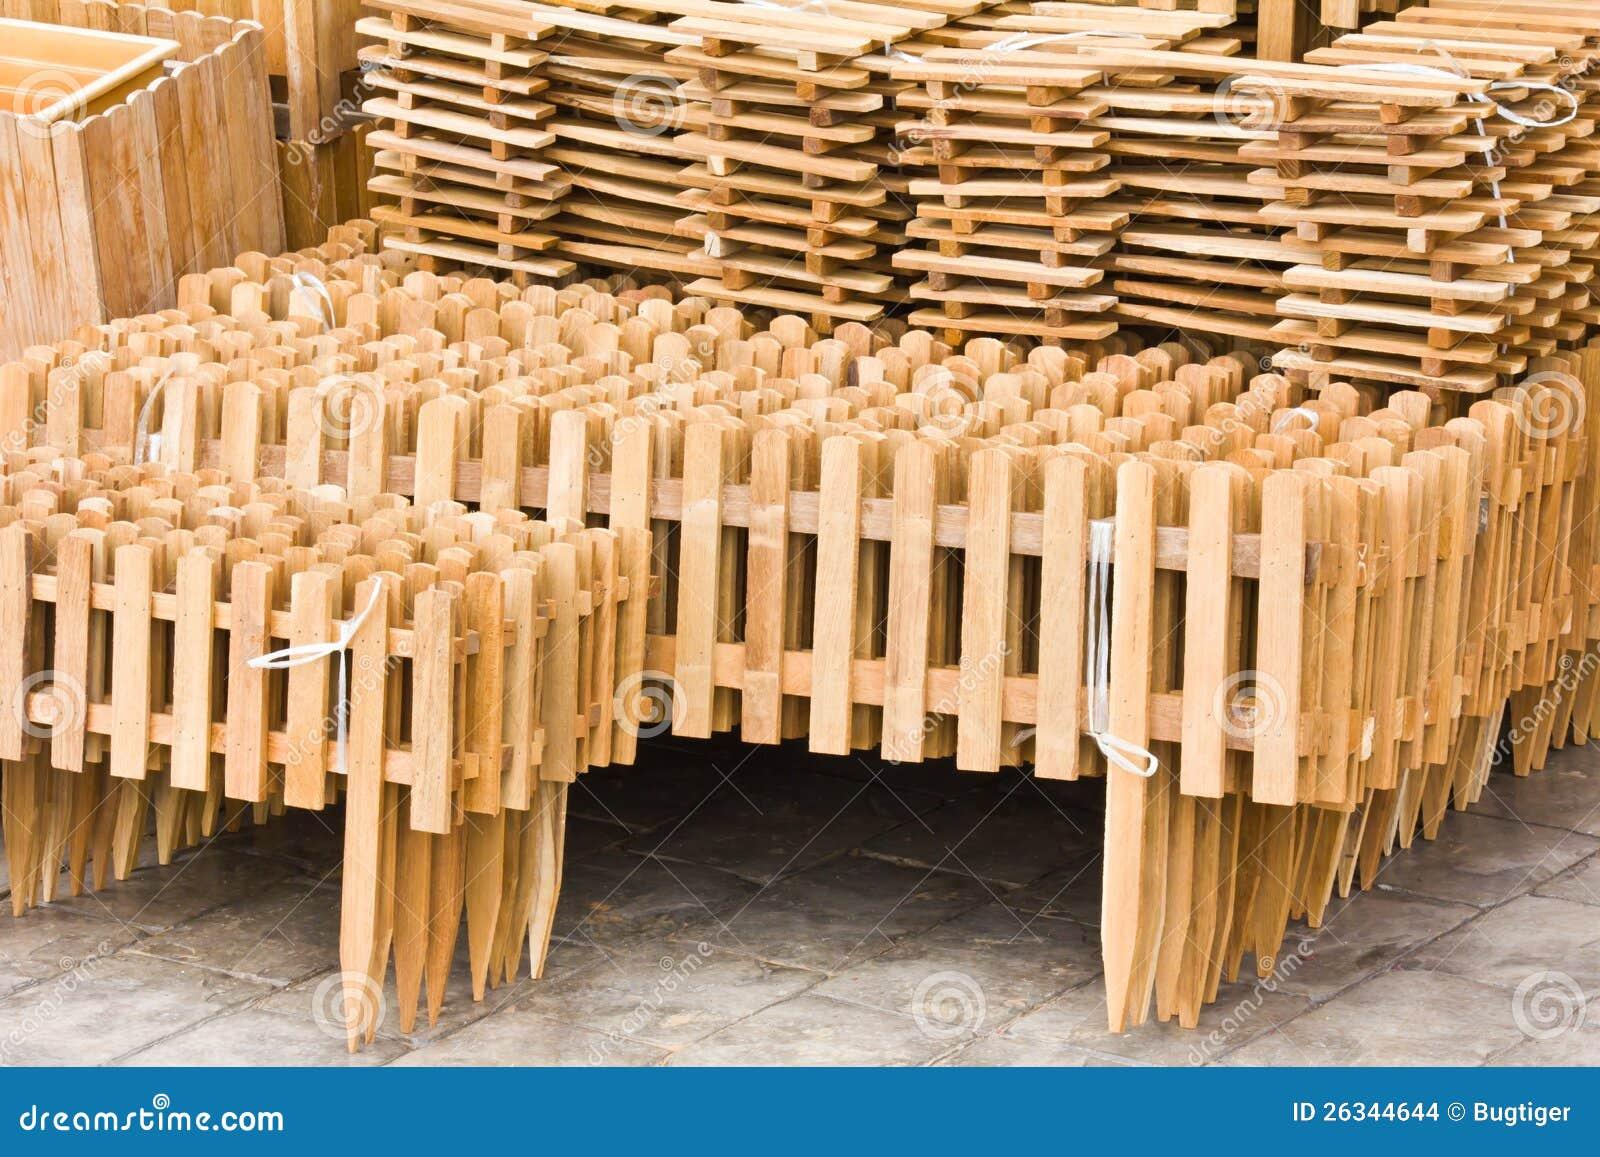 Conjunto de cercas de madera imagenes de archivo imagen for Conjuntos de jardin madera